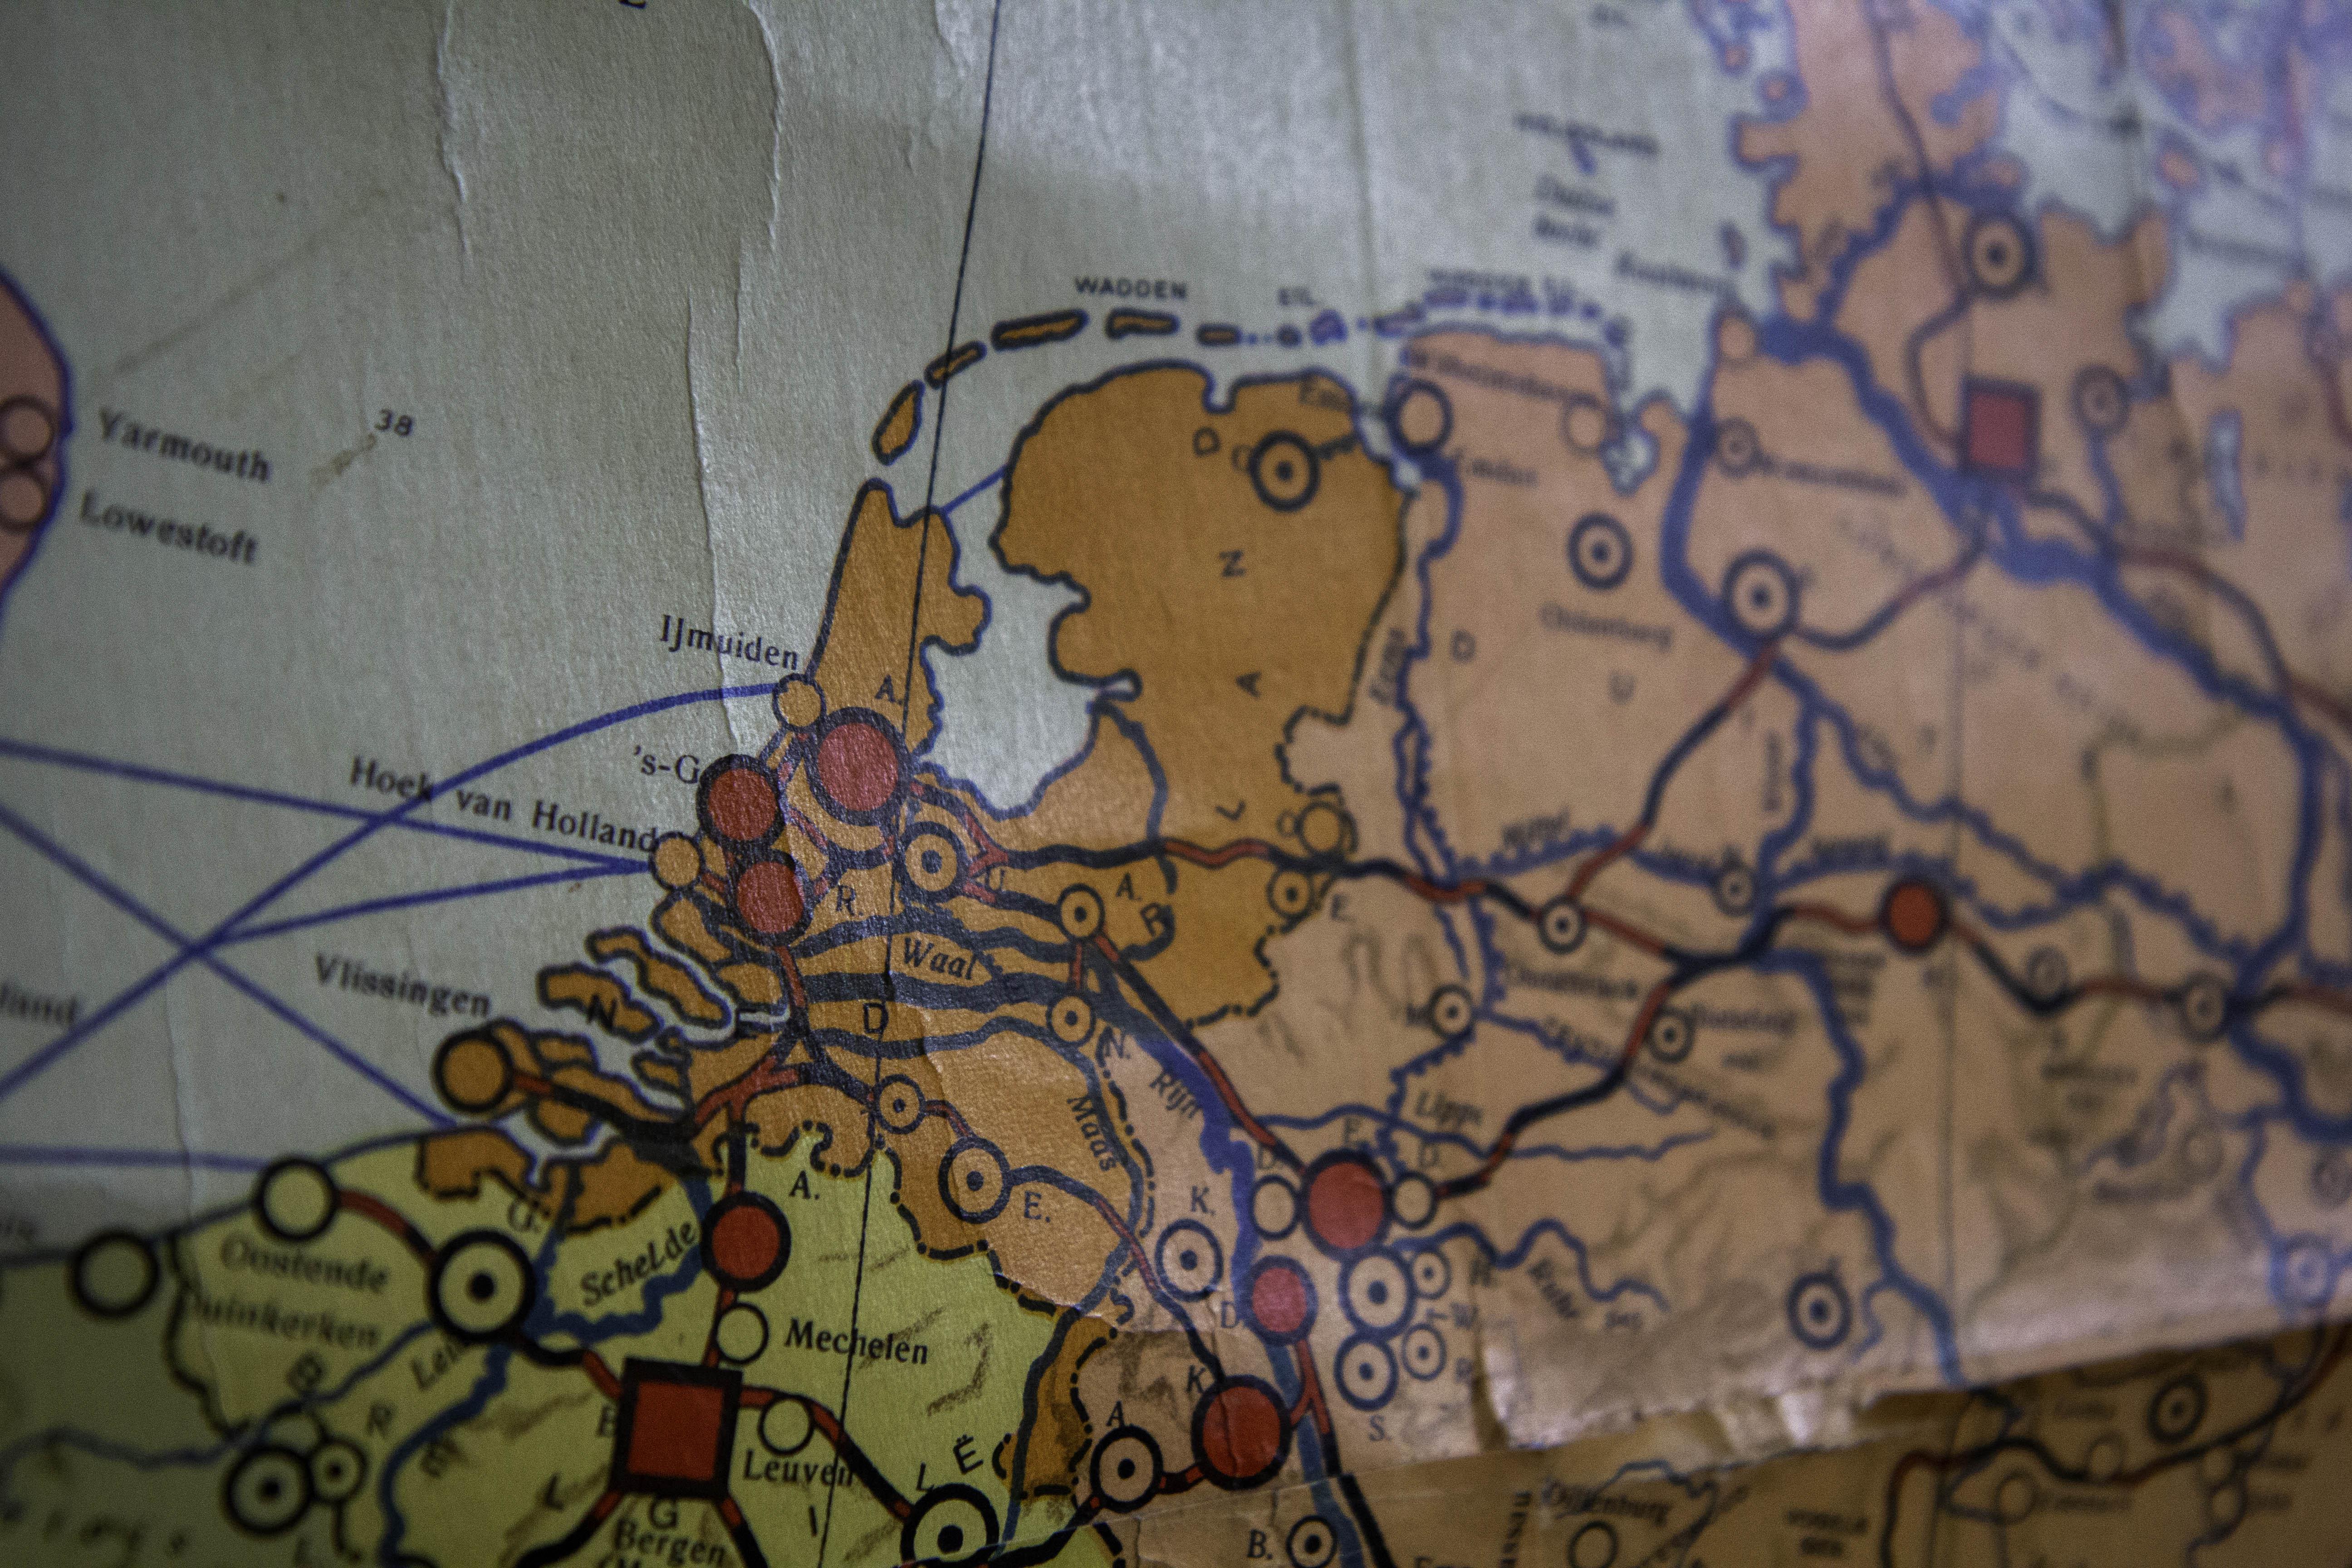 https://cafevrijdag.nl/wp-content/uploads/2019/08/landkaart.jpg